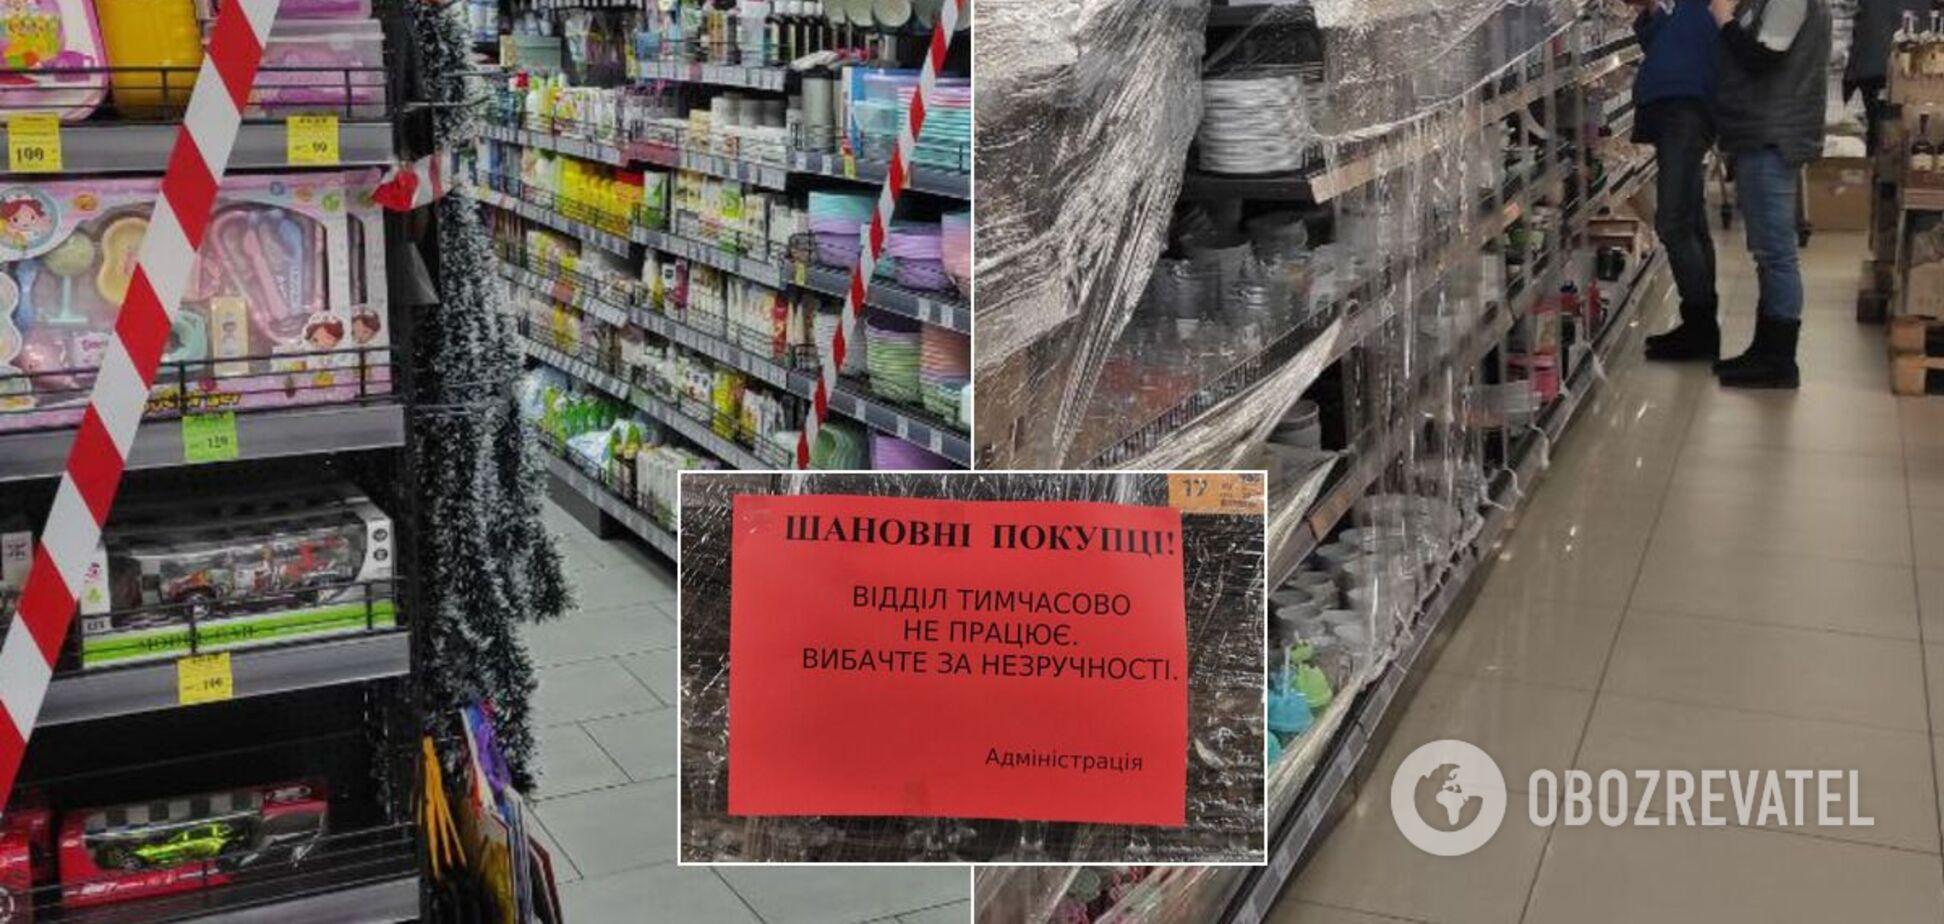 Як ринки та магазини Києва дотримуються карантину: фоторепортаж